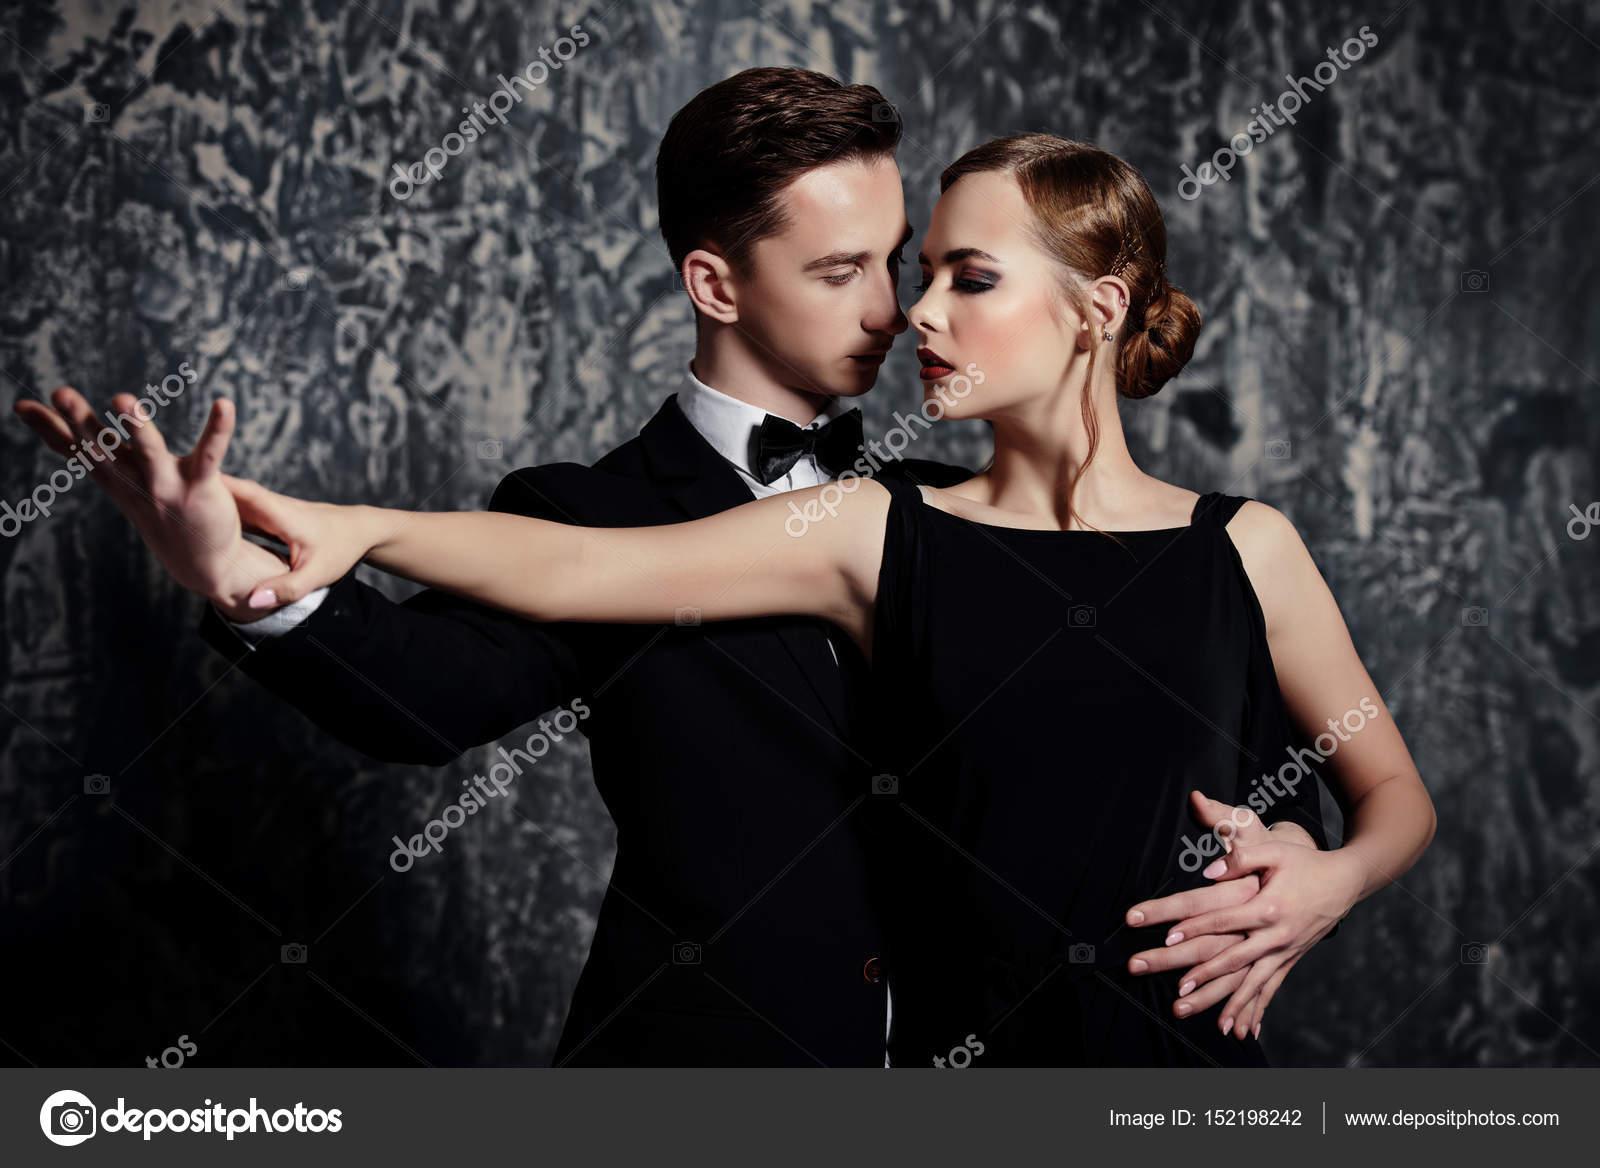 Leidenschaftliche Liebe Tanz — Stockfoto © prometeus